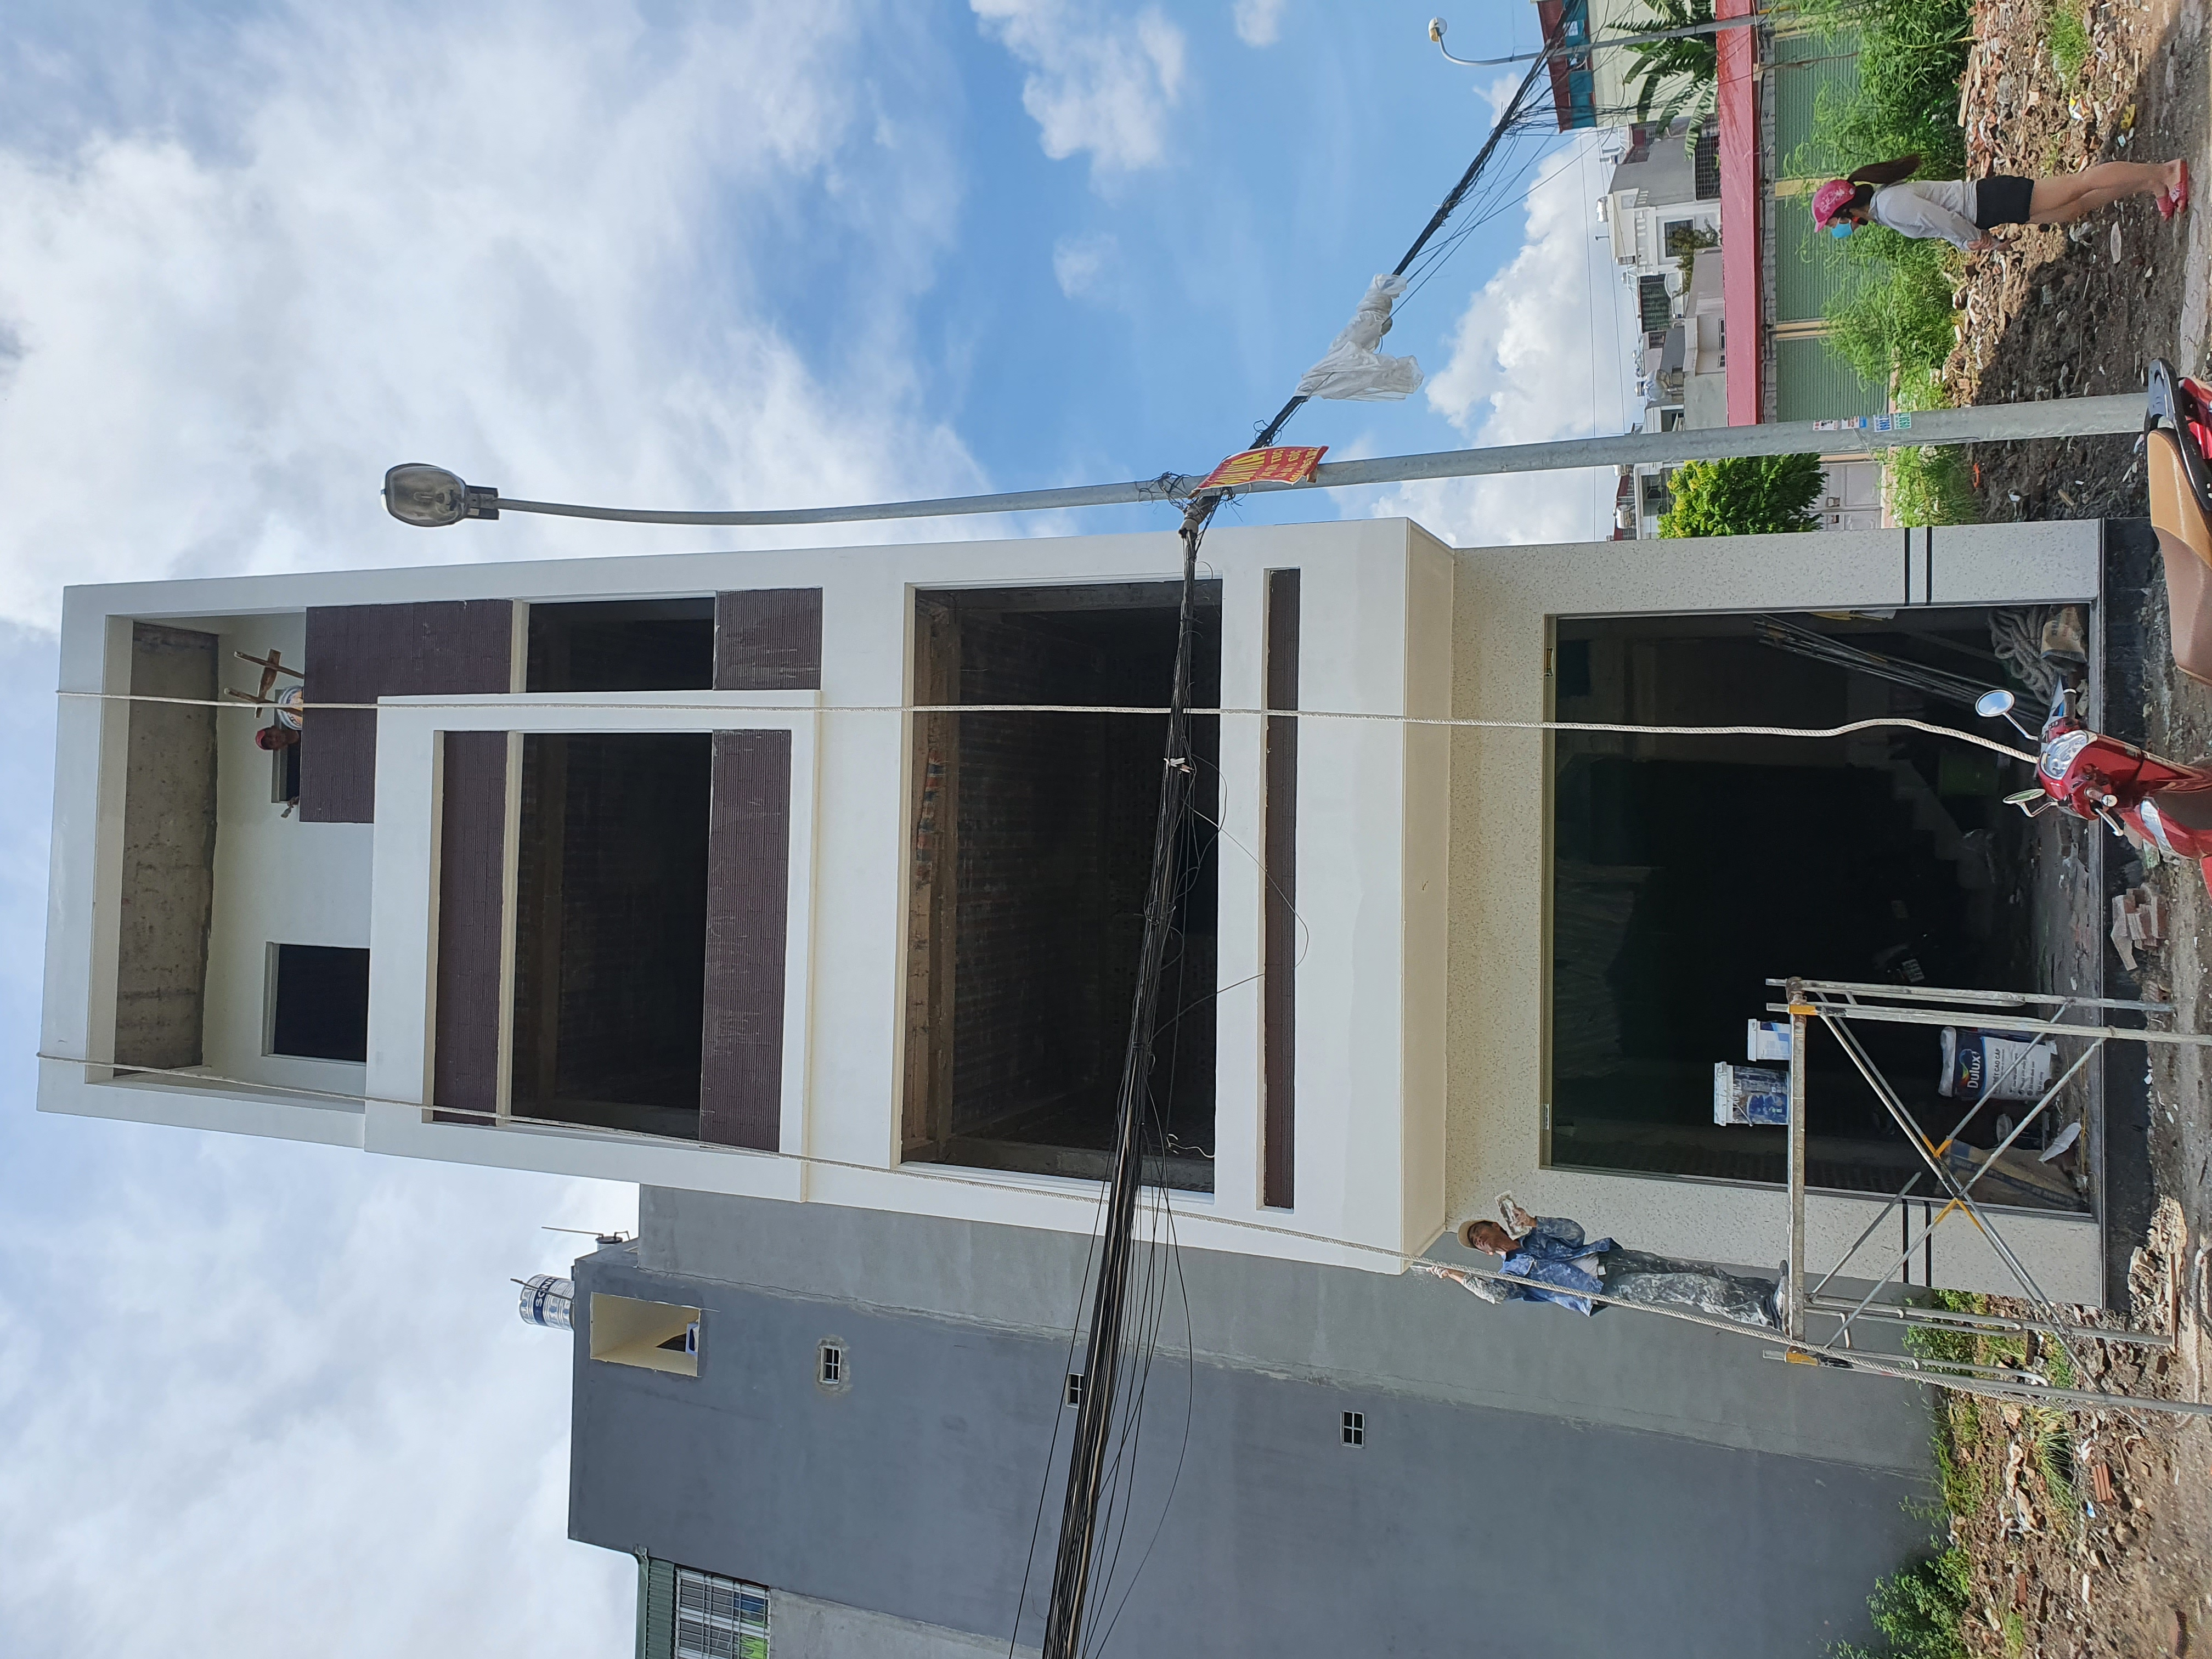 Bán GẤP nhà 4 tầng xây THÔ khu TĐC Cây Đa 13 Gốc Đằng Giang, Ngô Quyền, Hải Phòng